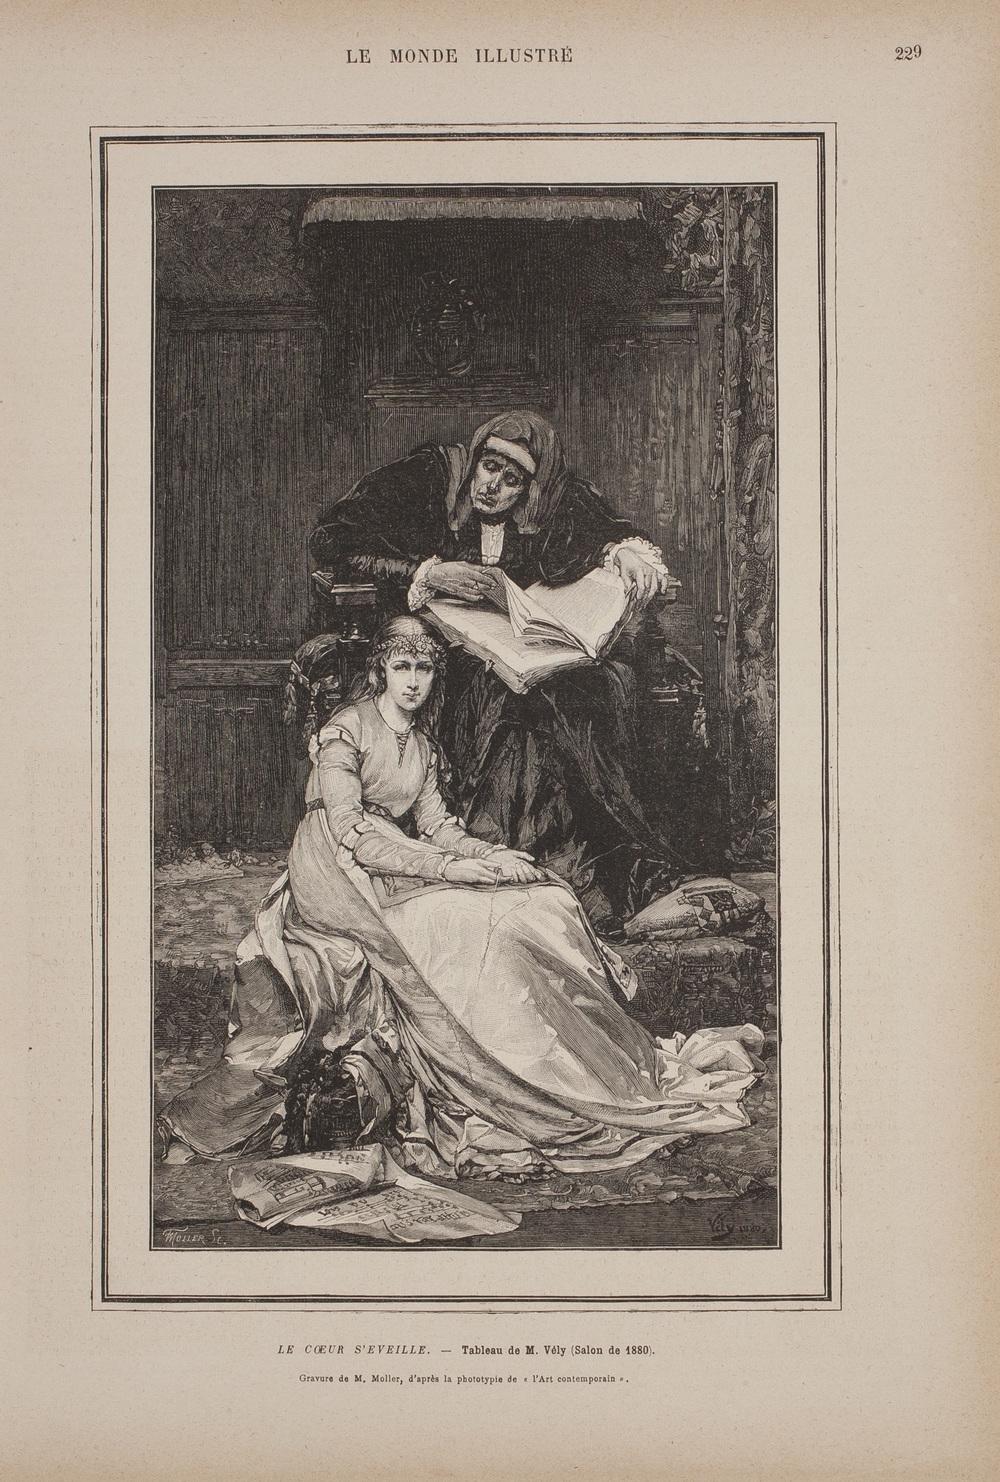 F. Moller's engraving of Le Cœur S'Éveille for April 9, 1881 issue of Le Monde Illustré